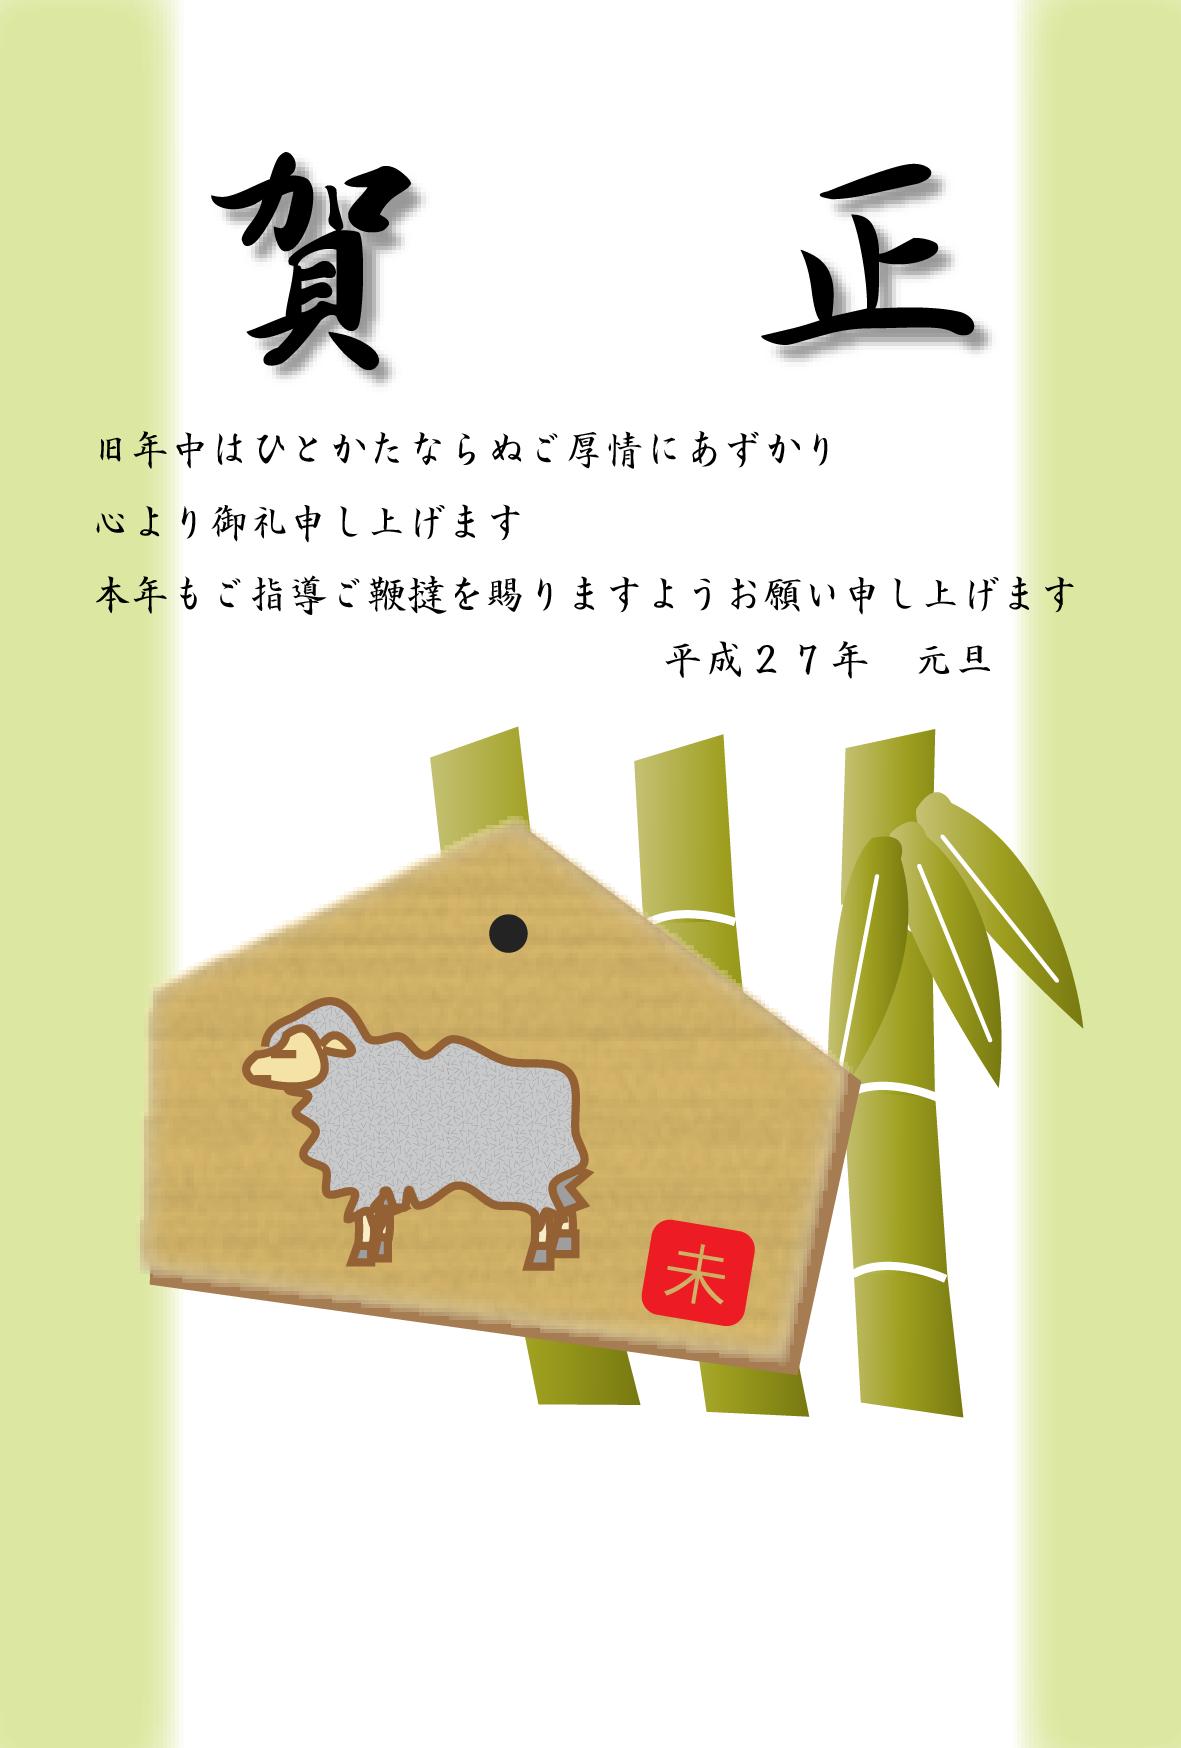 羊の絵馬と竹と「賀正」